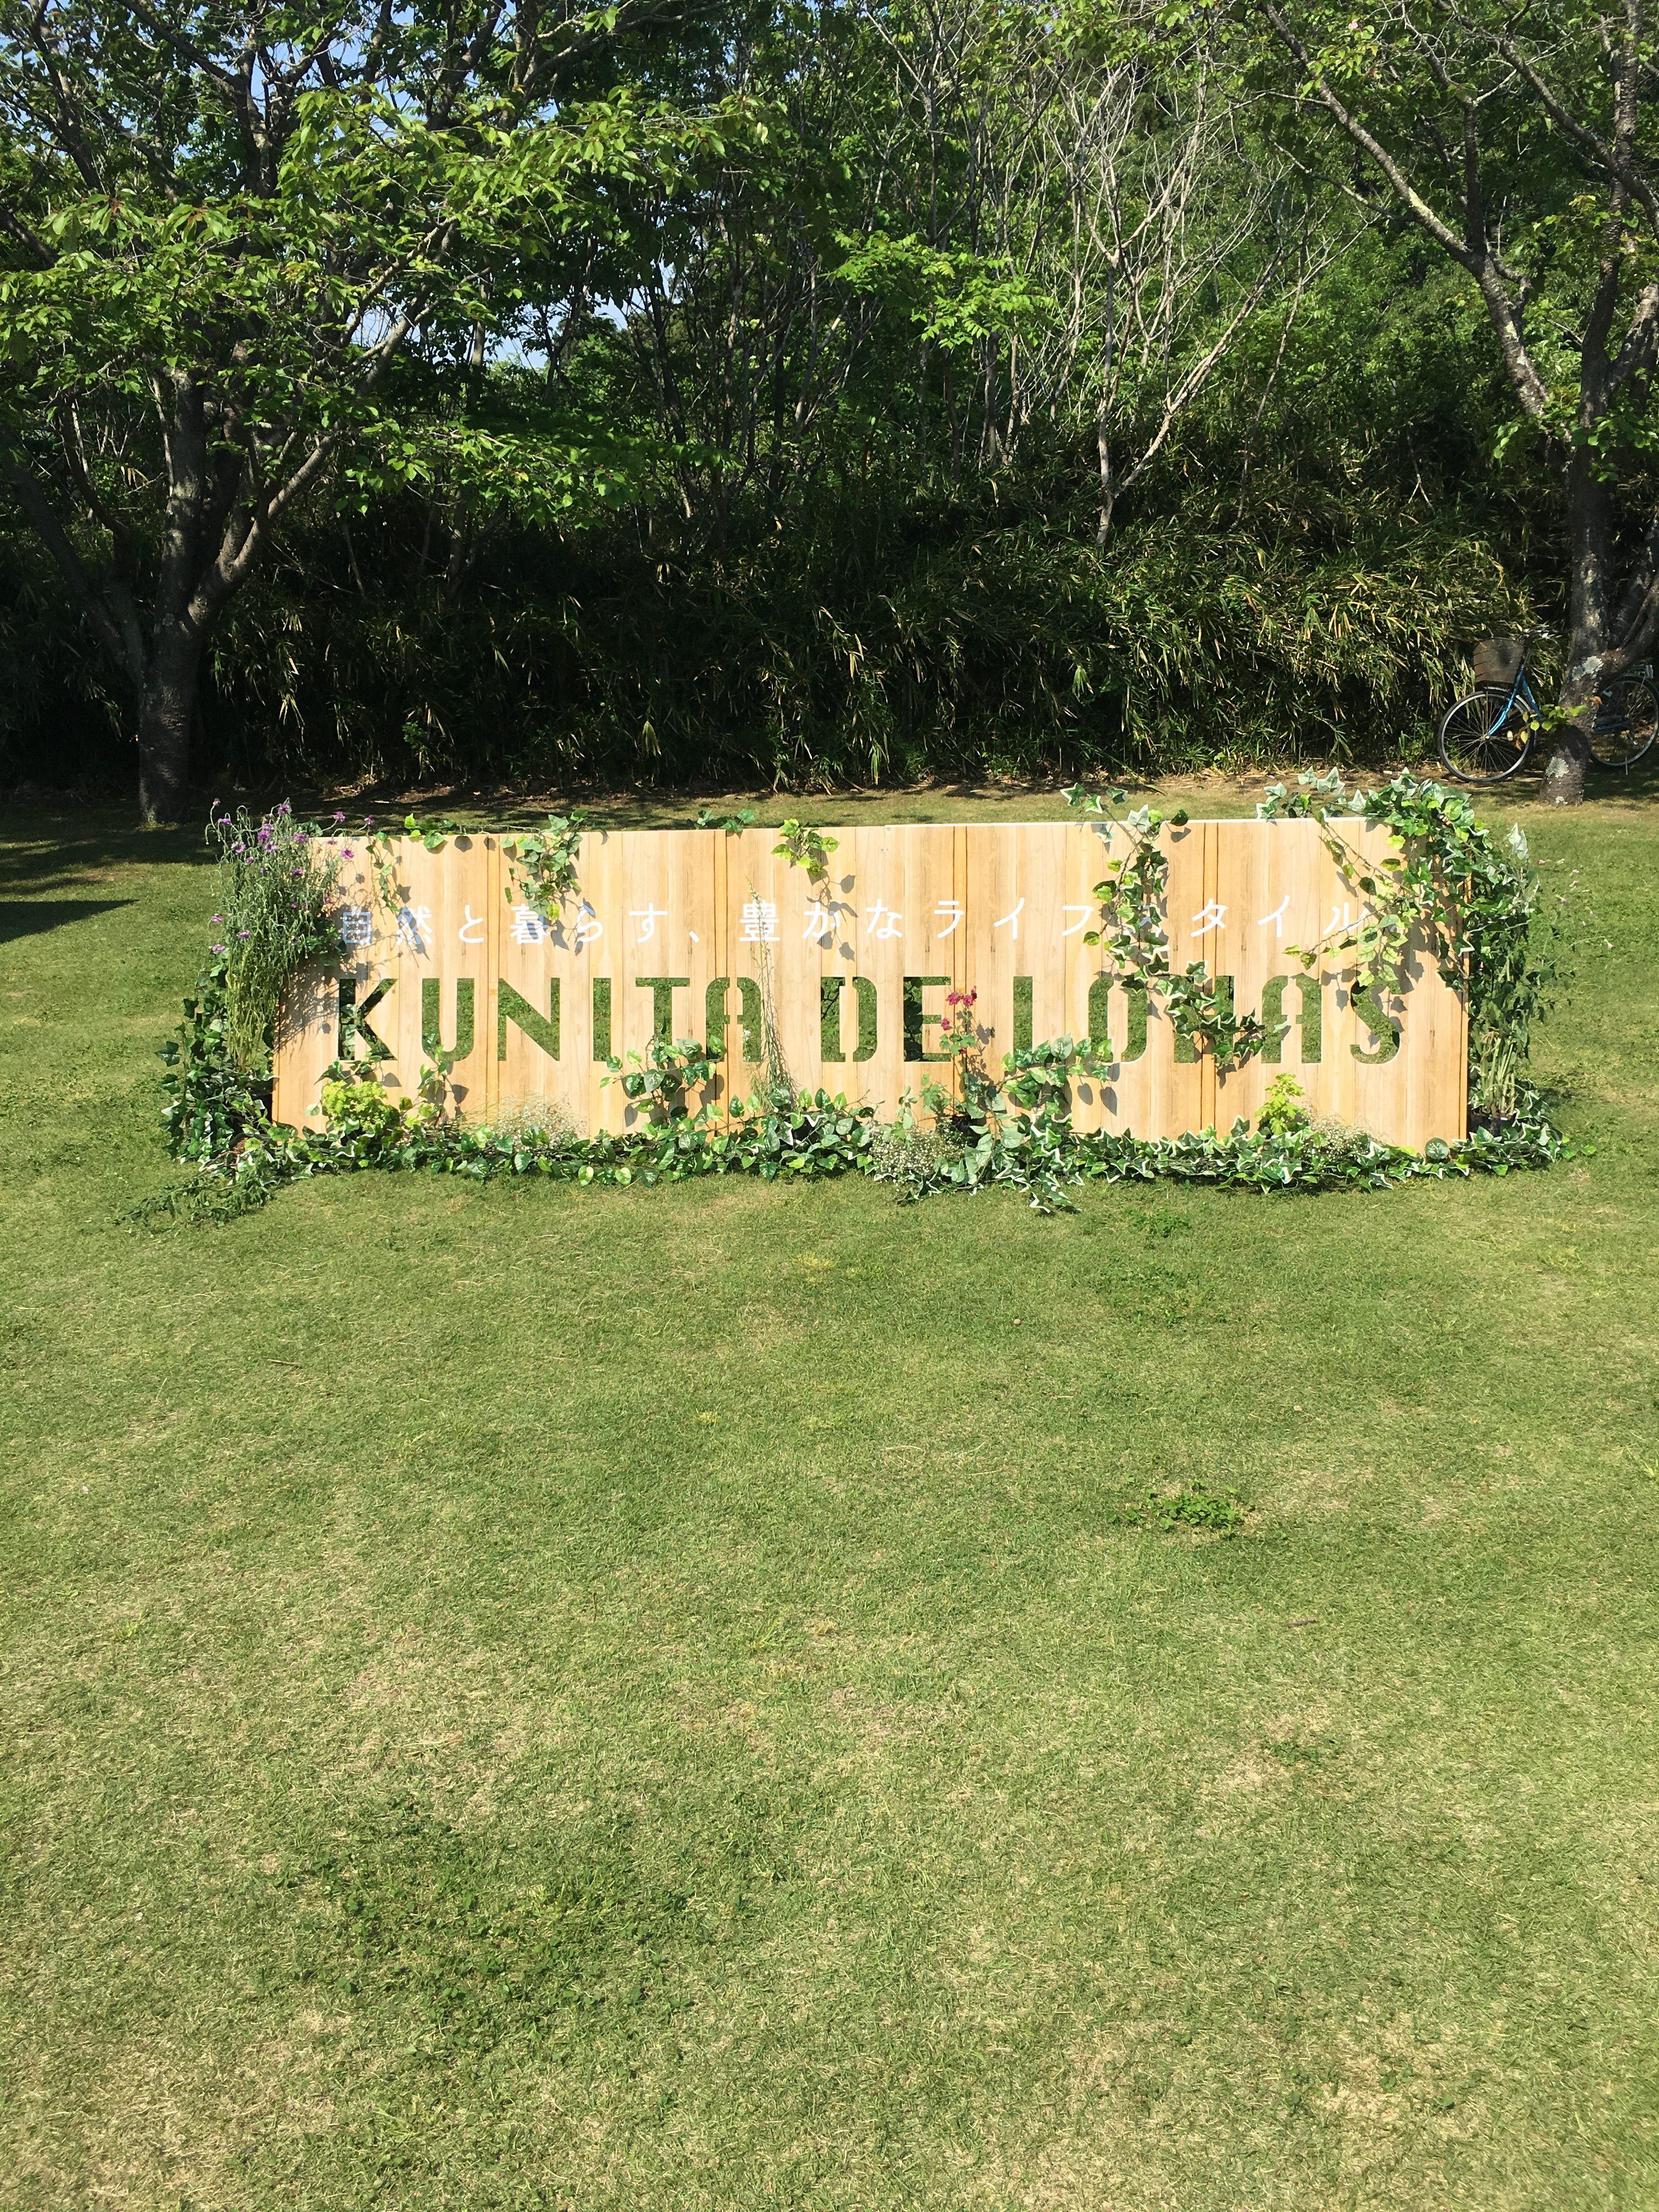 七つ洞公園 KUNITA DE LOHAS